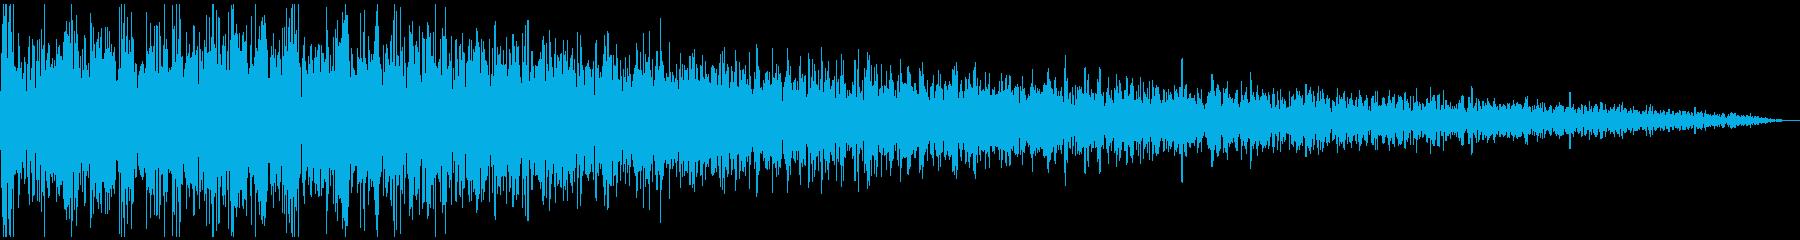 ガーン (ショック、衝撃を受ける)+高音の再生済みの波形